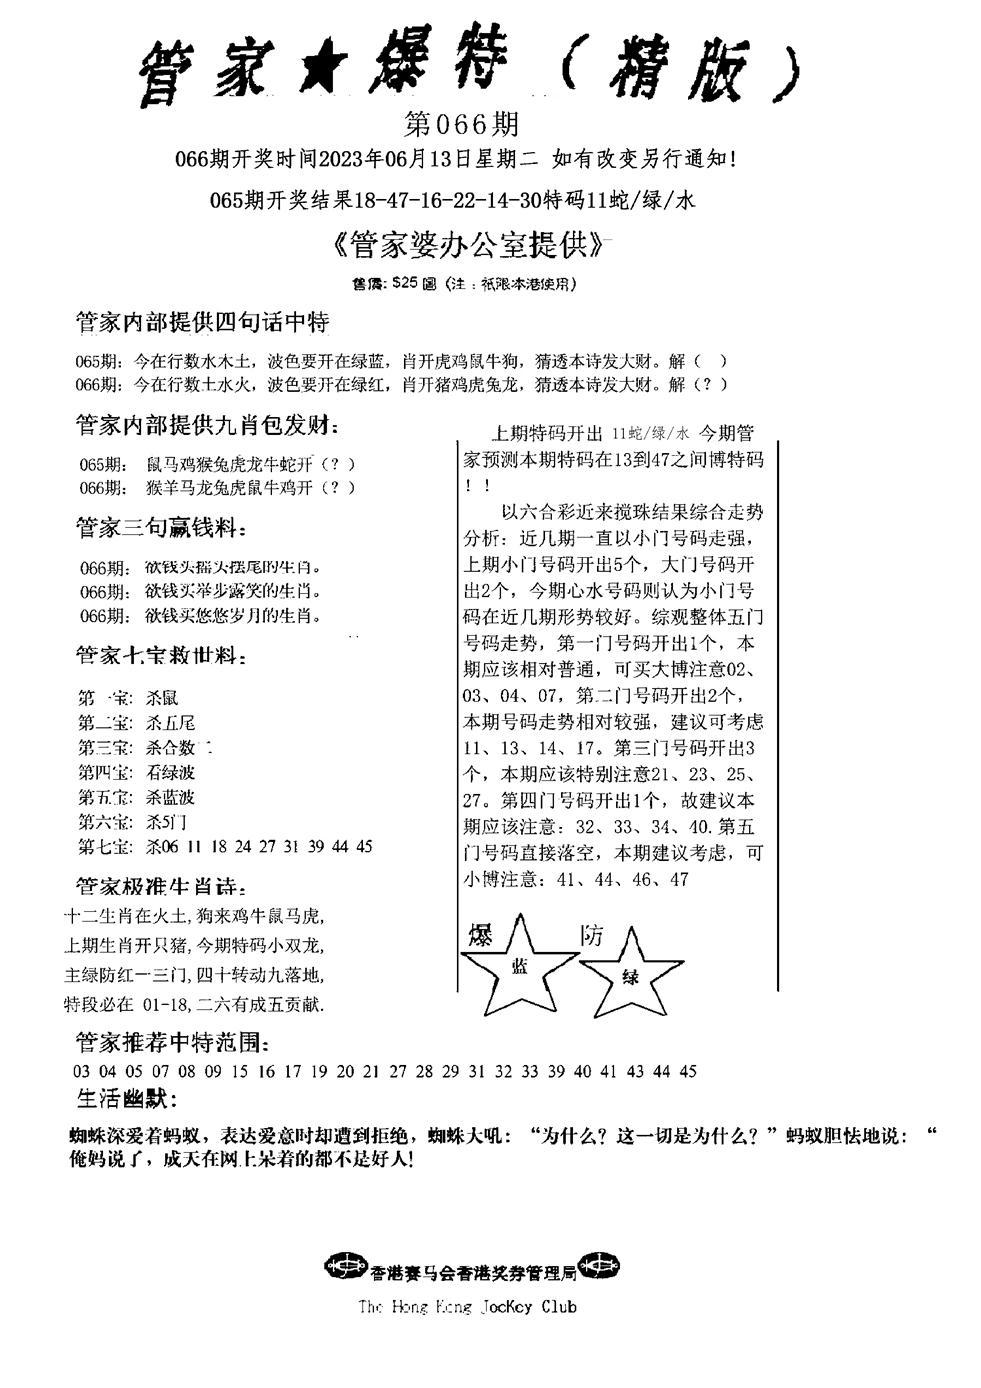 066期管家爆特精版(黑白)